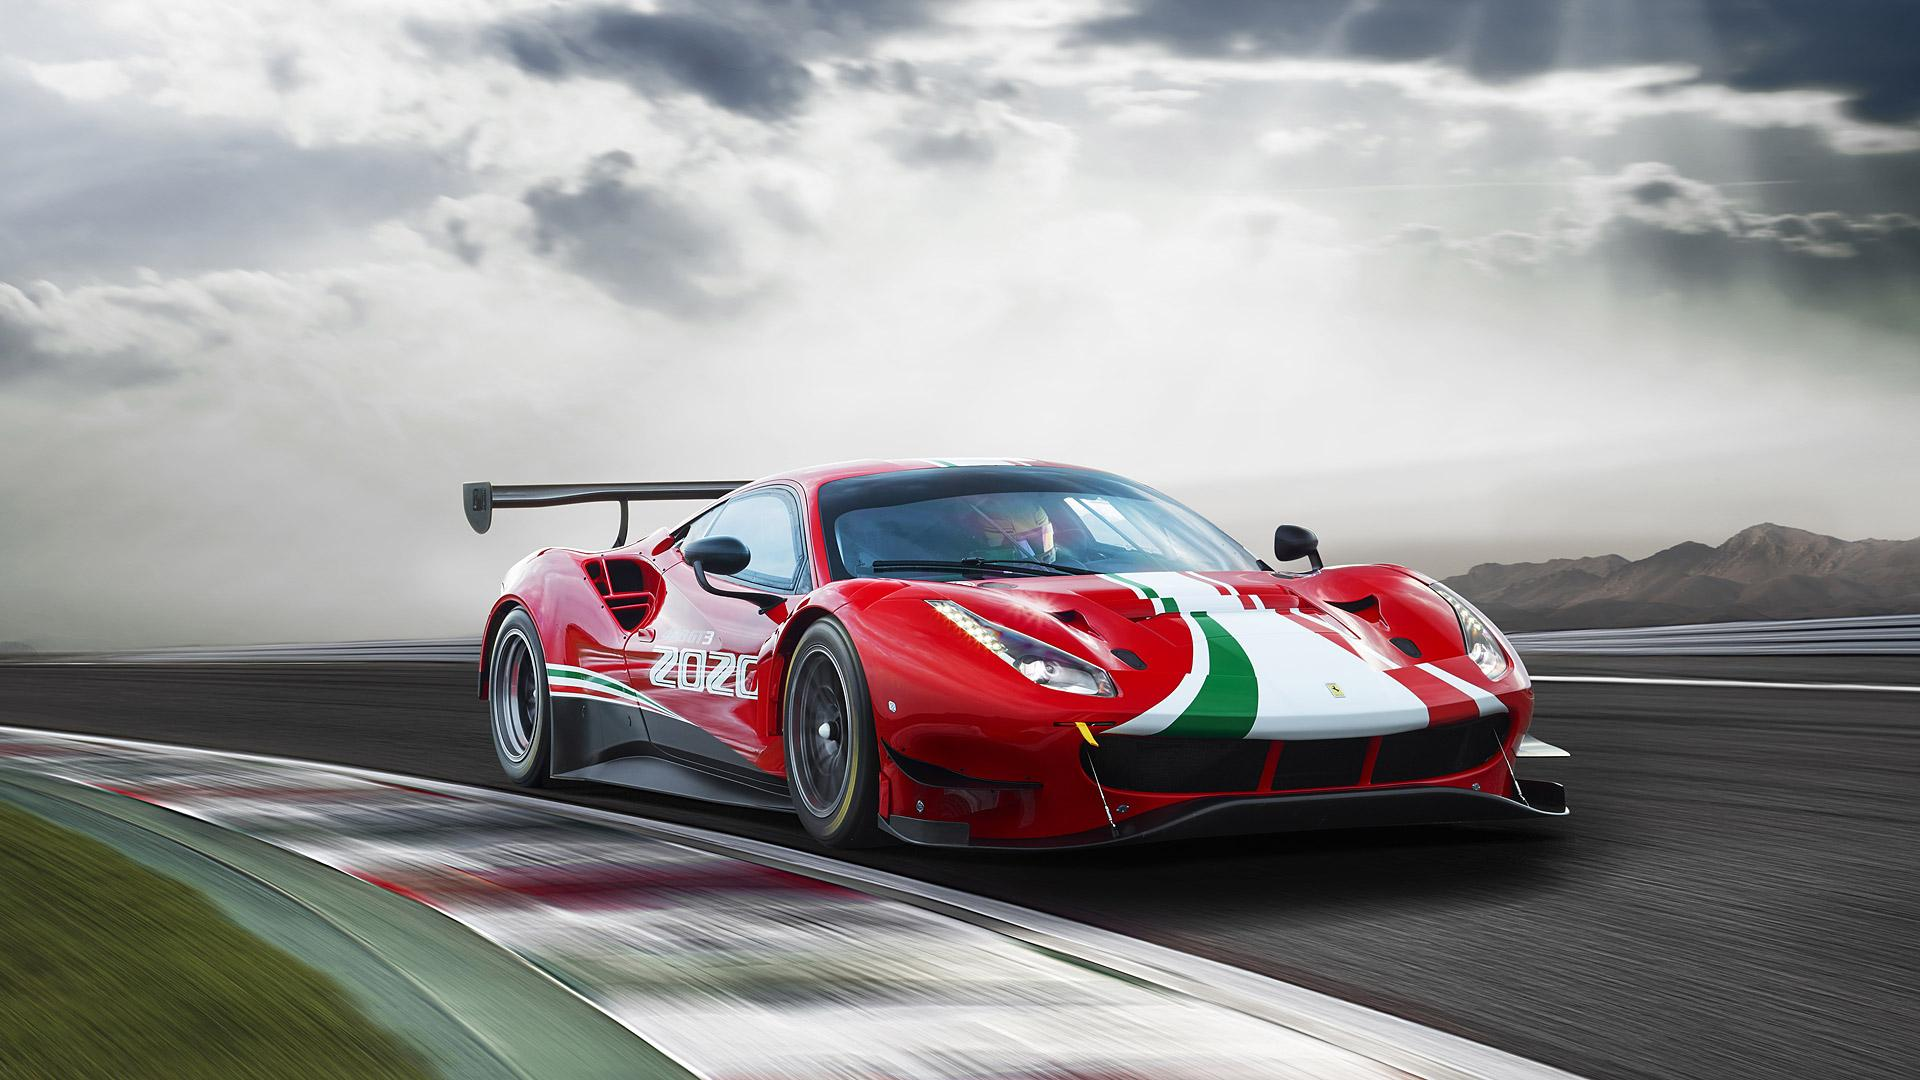 42+ Ferrari Race Car Wallpaper  Pics